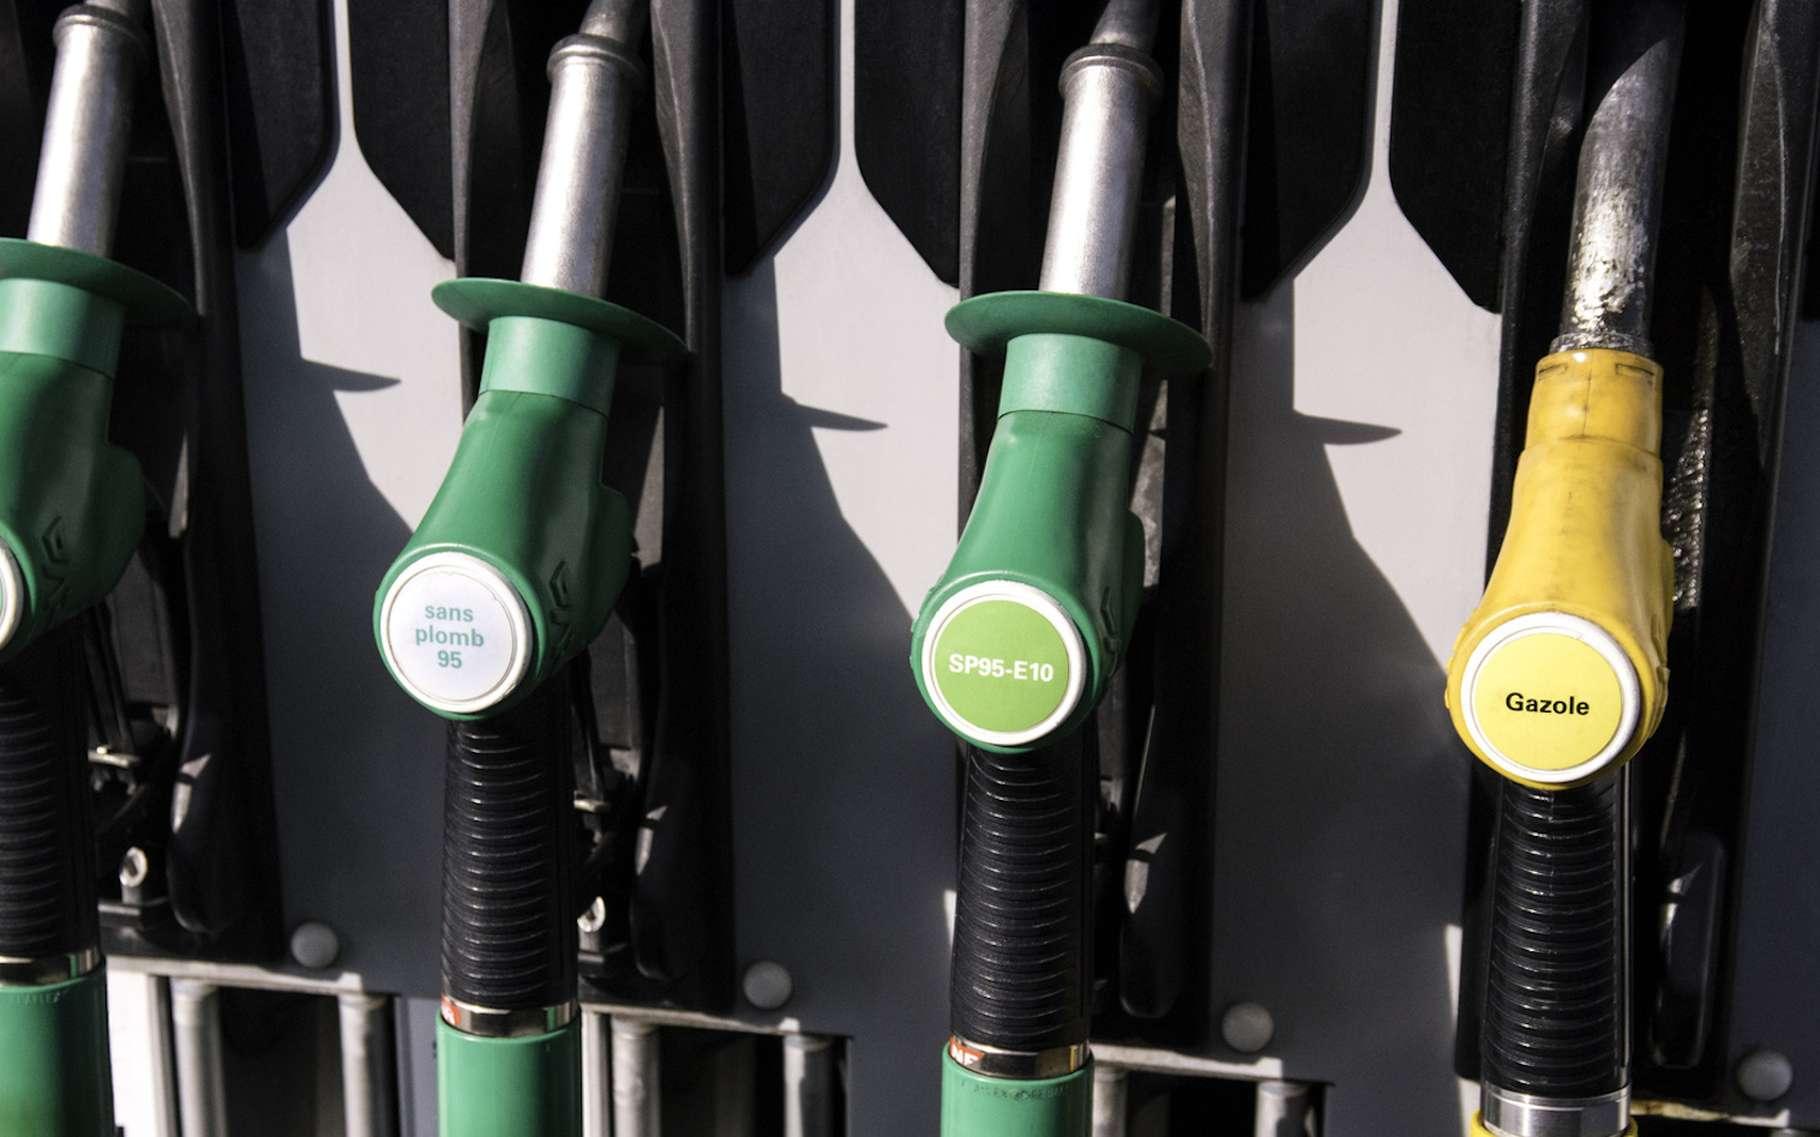 Le benzène est un hydrocarbure aromatique qui entre dans la composition de l'essence sans plomb afin d'en augmenter l'indice d'octane. © delkro, Fotolia